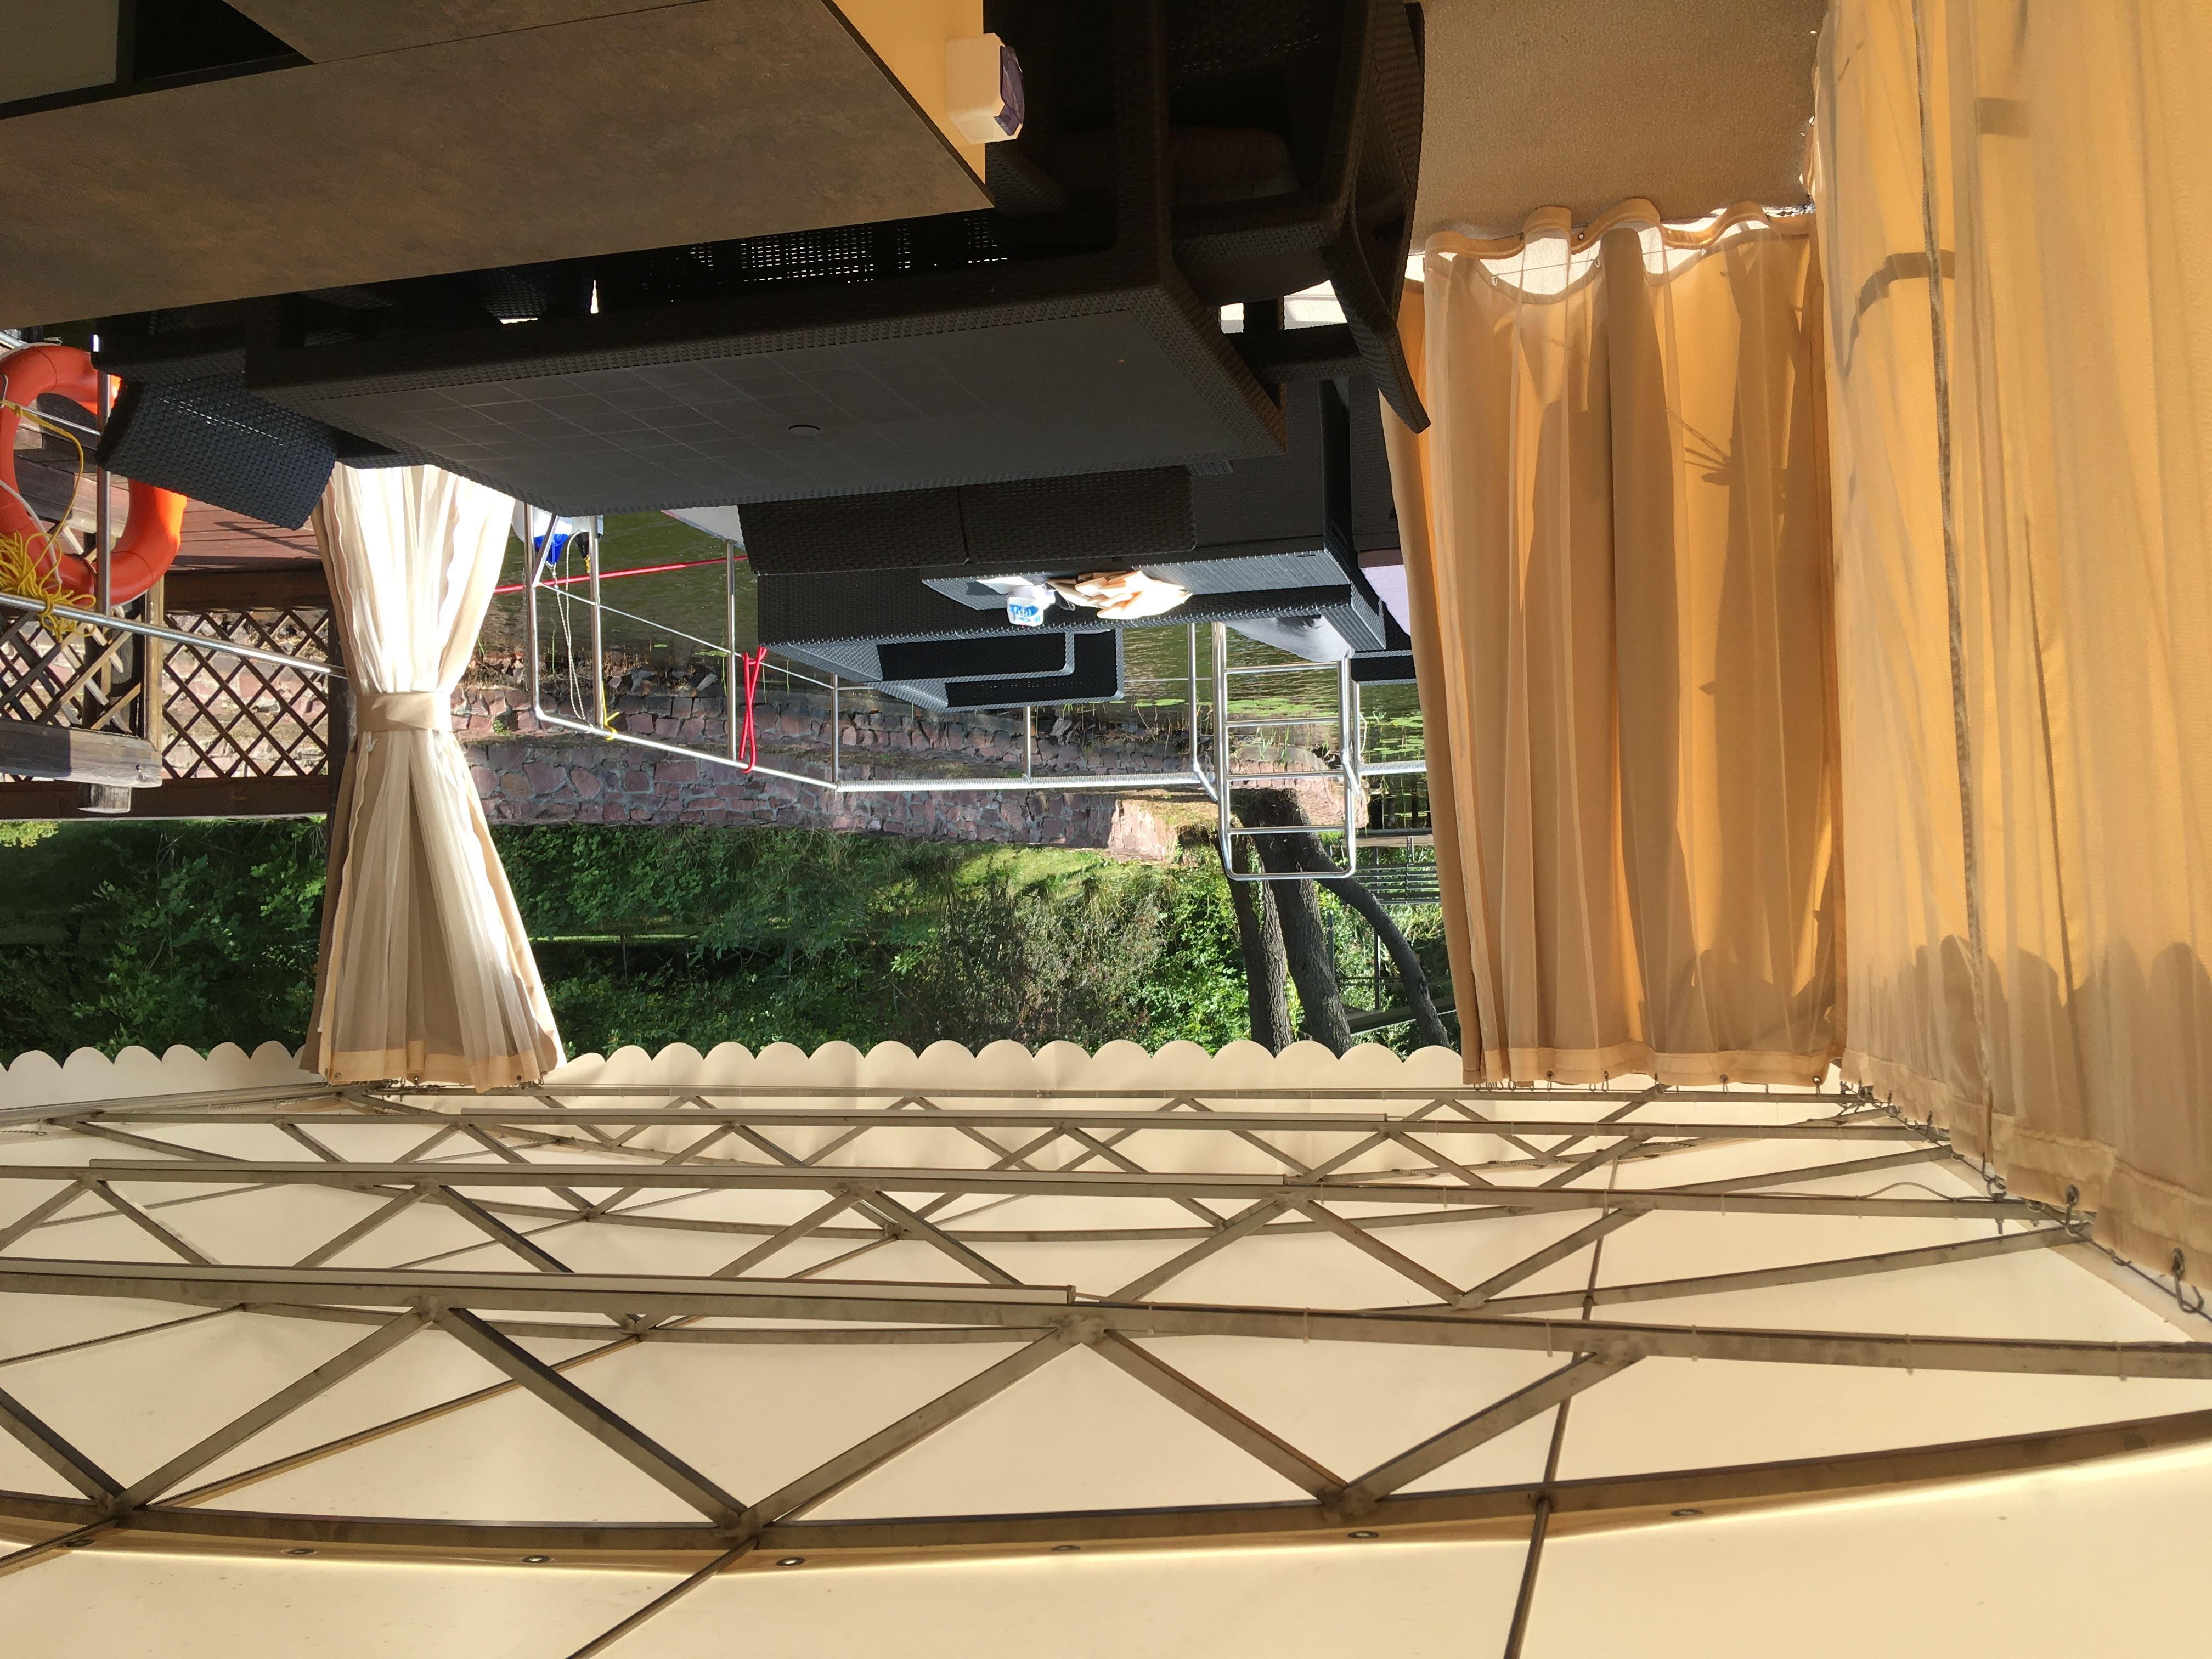 Два комплекта штор: защитные и москитная сетка с полностью нержавеющей фурнитурой